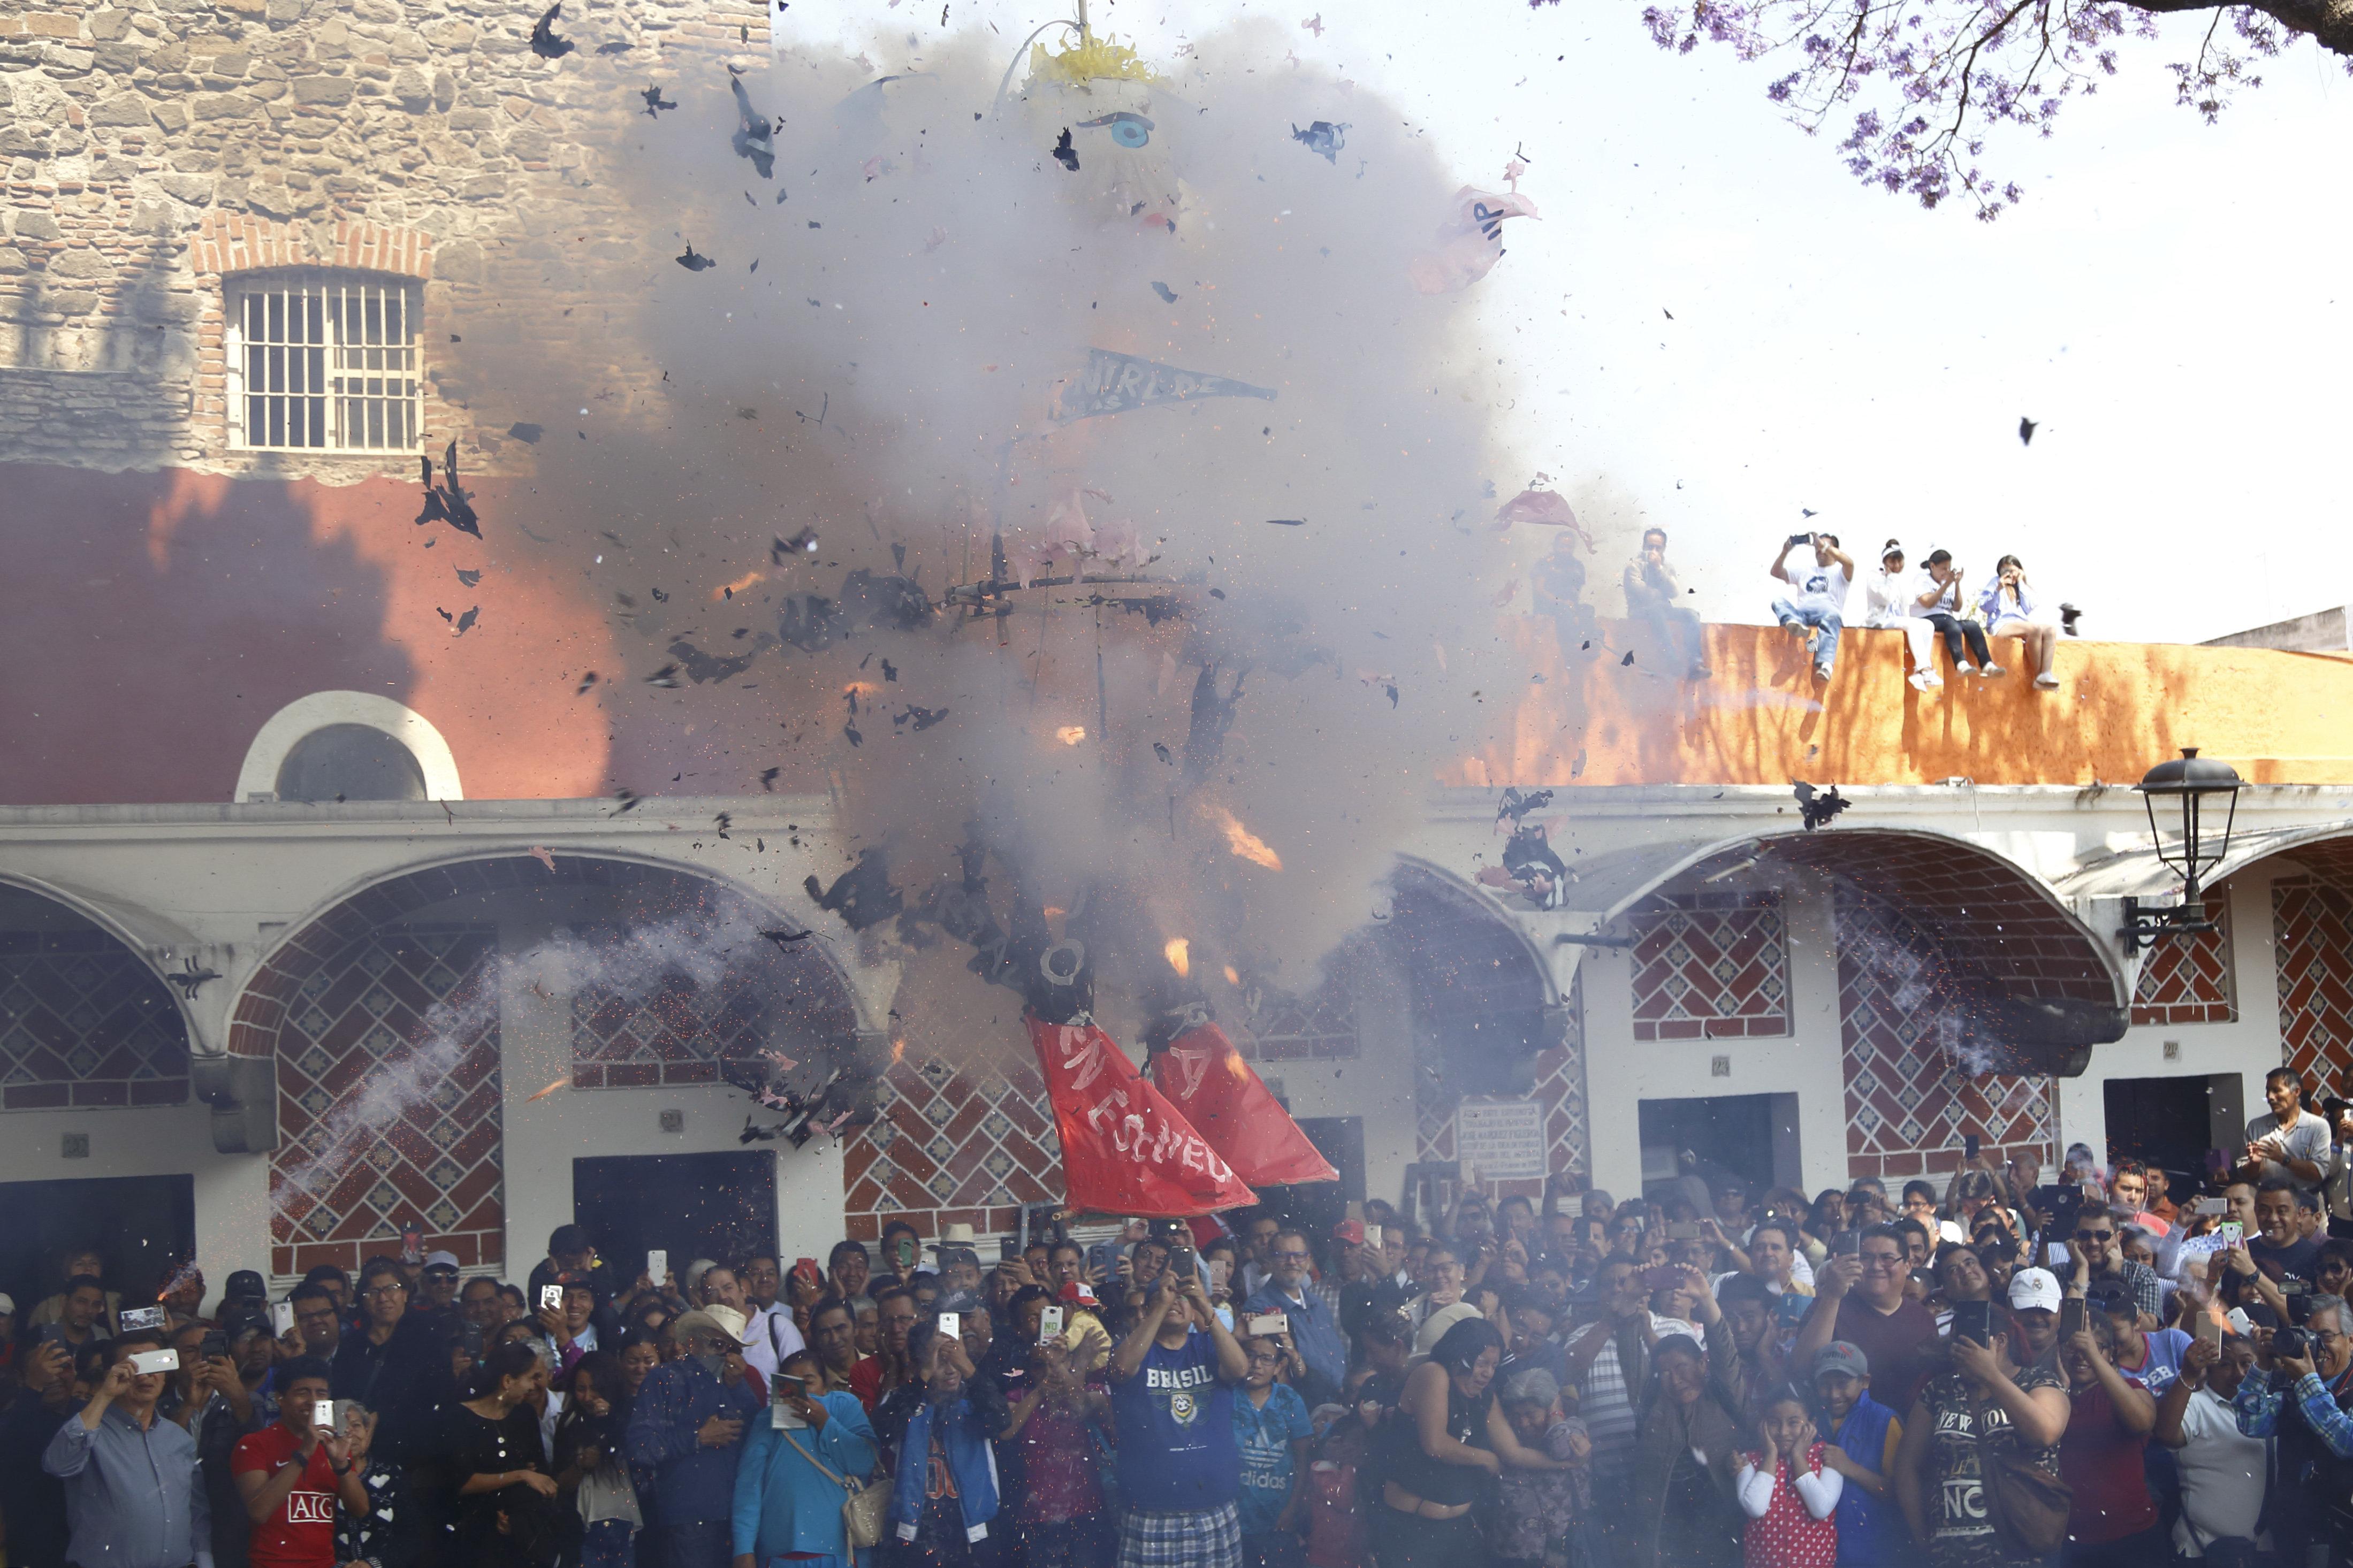 MEX26. PUEBLA (MÉXICO), 31/03/2018.- Fotografía de un muñeco de papel caricaturizando al presidente de Estados Unidos, Donald Trump, durante la quema de Judas hoy, sábado 31 de marzo de 2018, en el Barrio del Artista de Puebla (México). EFE/Francisco Guasco